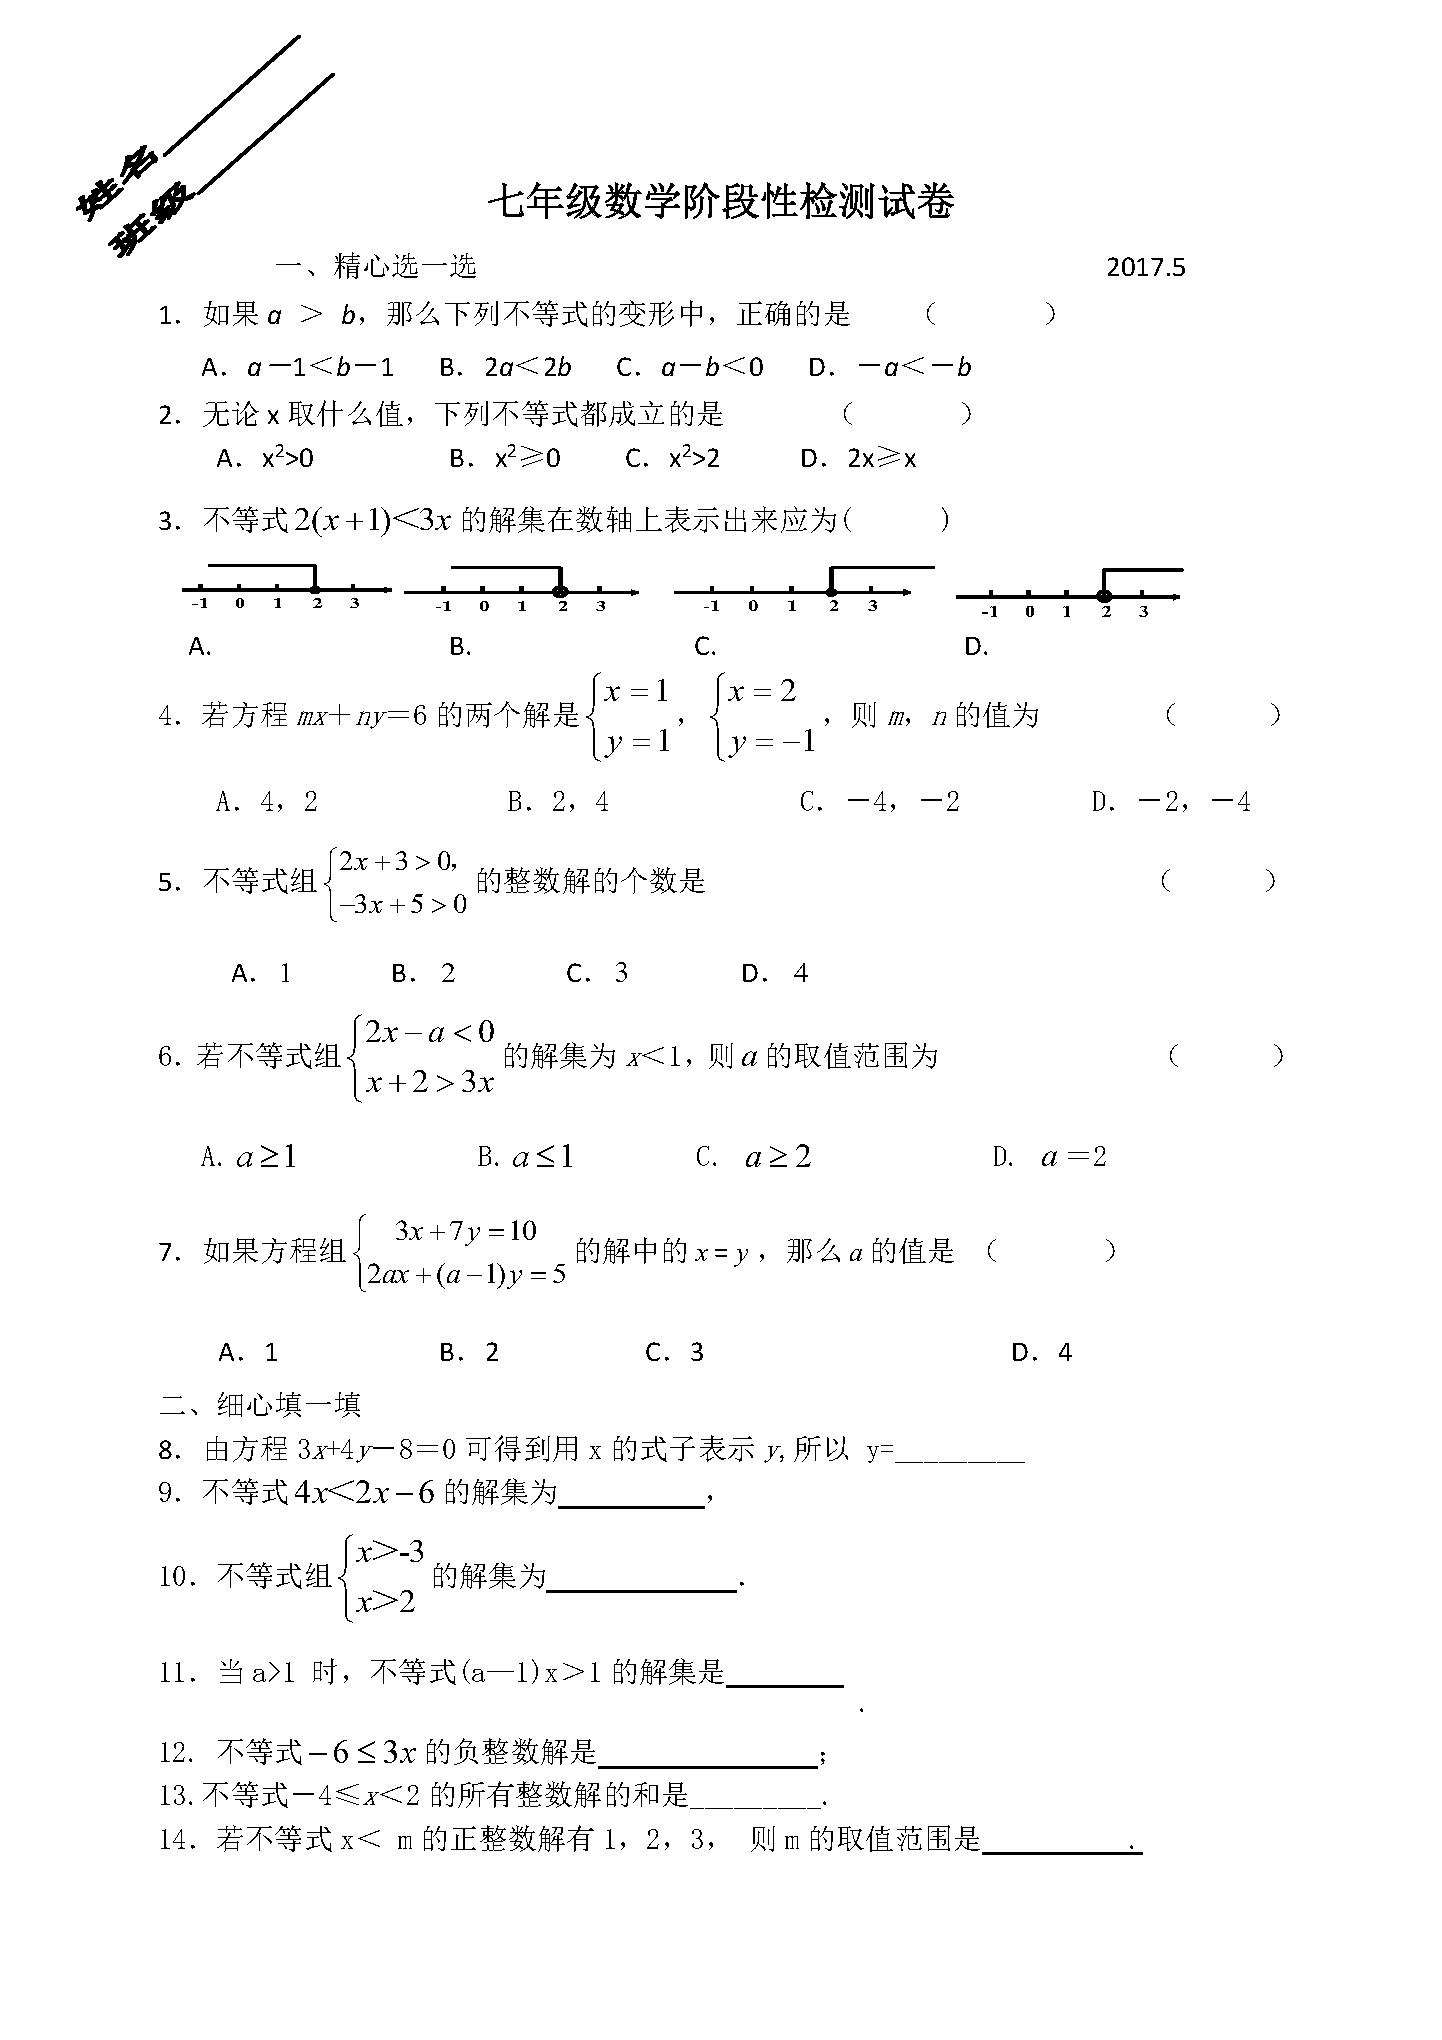 2017江苏无锡七年级5月月考数学试题(图片版)